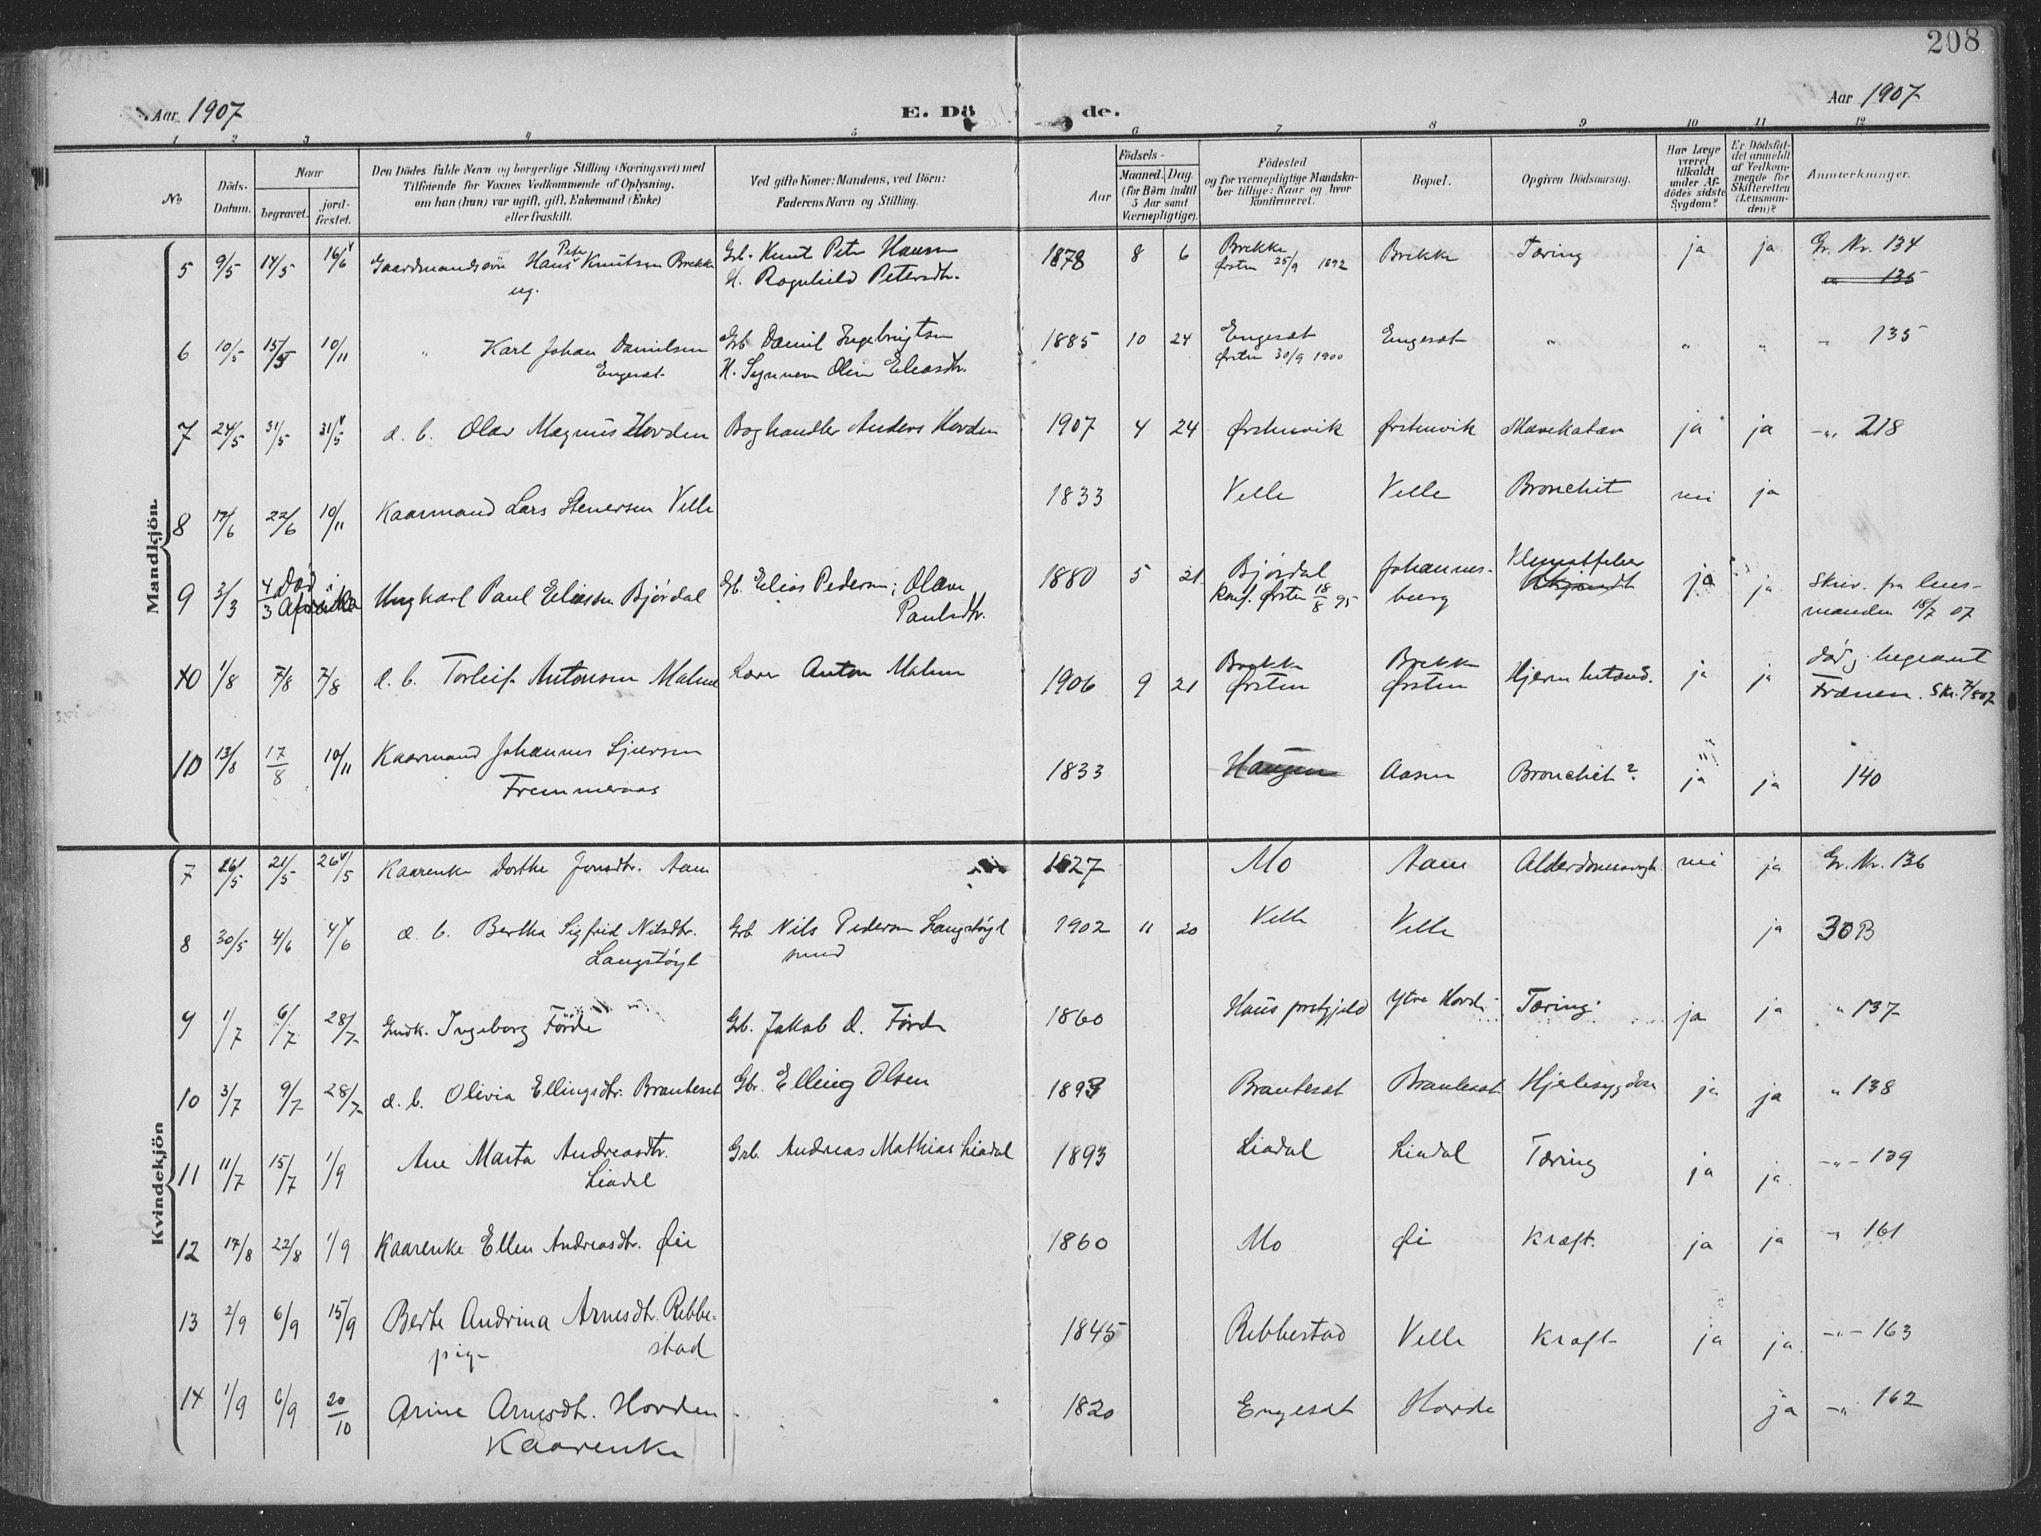 SAT, Ministerialprotokoller, klokkerbøker og fødselsregistre - Møre og Romsdal, 513/L0178: Ministerialbok nr. 513A05, 1906-1919, s. 208